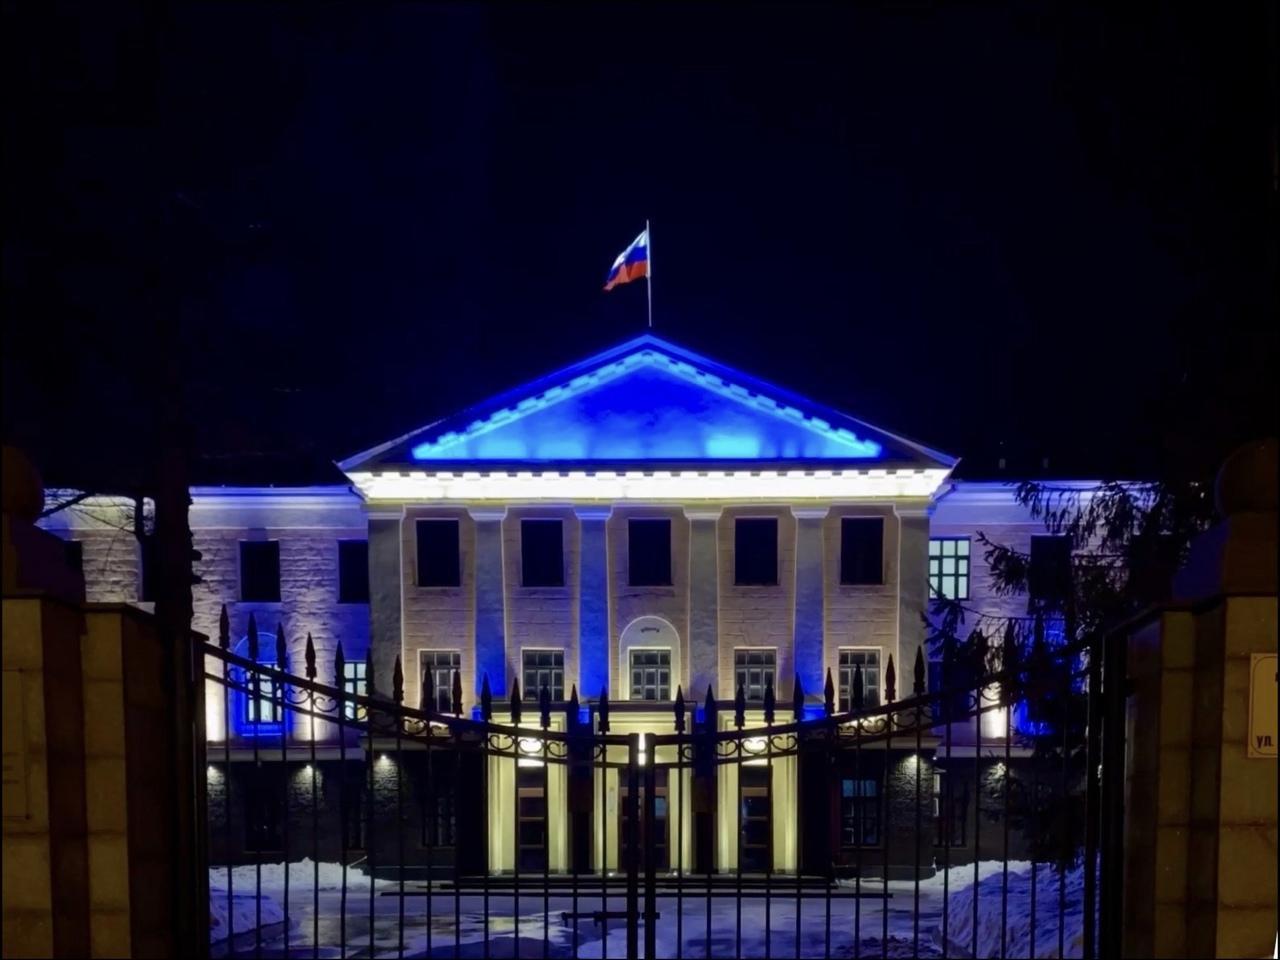 фото Месяц без полпреда: почему в Сибирь до сих пор не приехал представитель президента 2